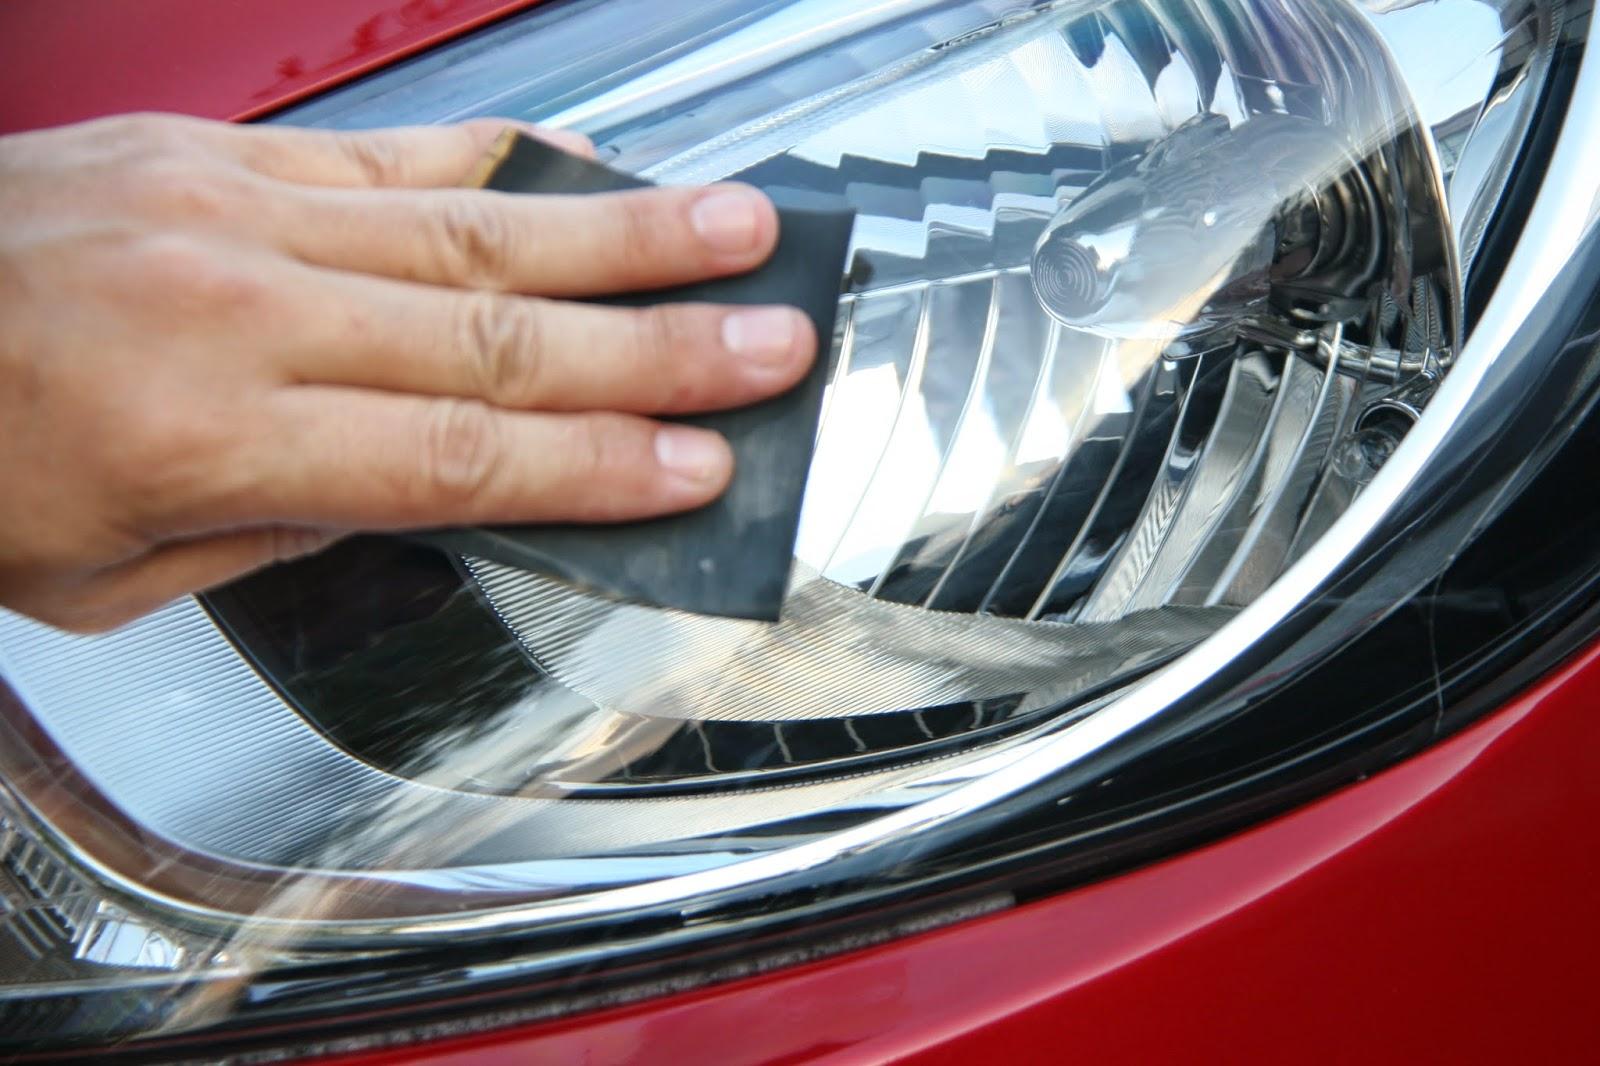 Comment nettoyer les lentilles de phares d 39 une voiture fiche technique - Comment bien nettoyer une voiture ...